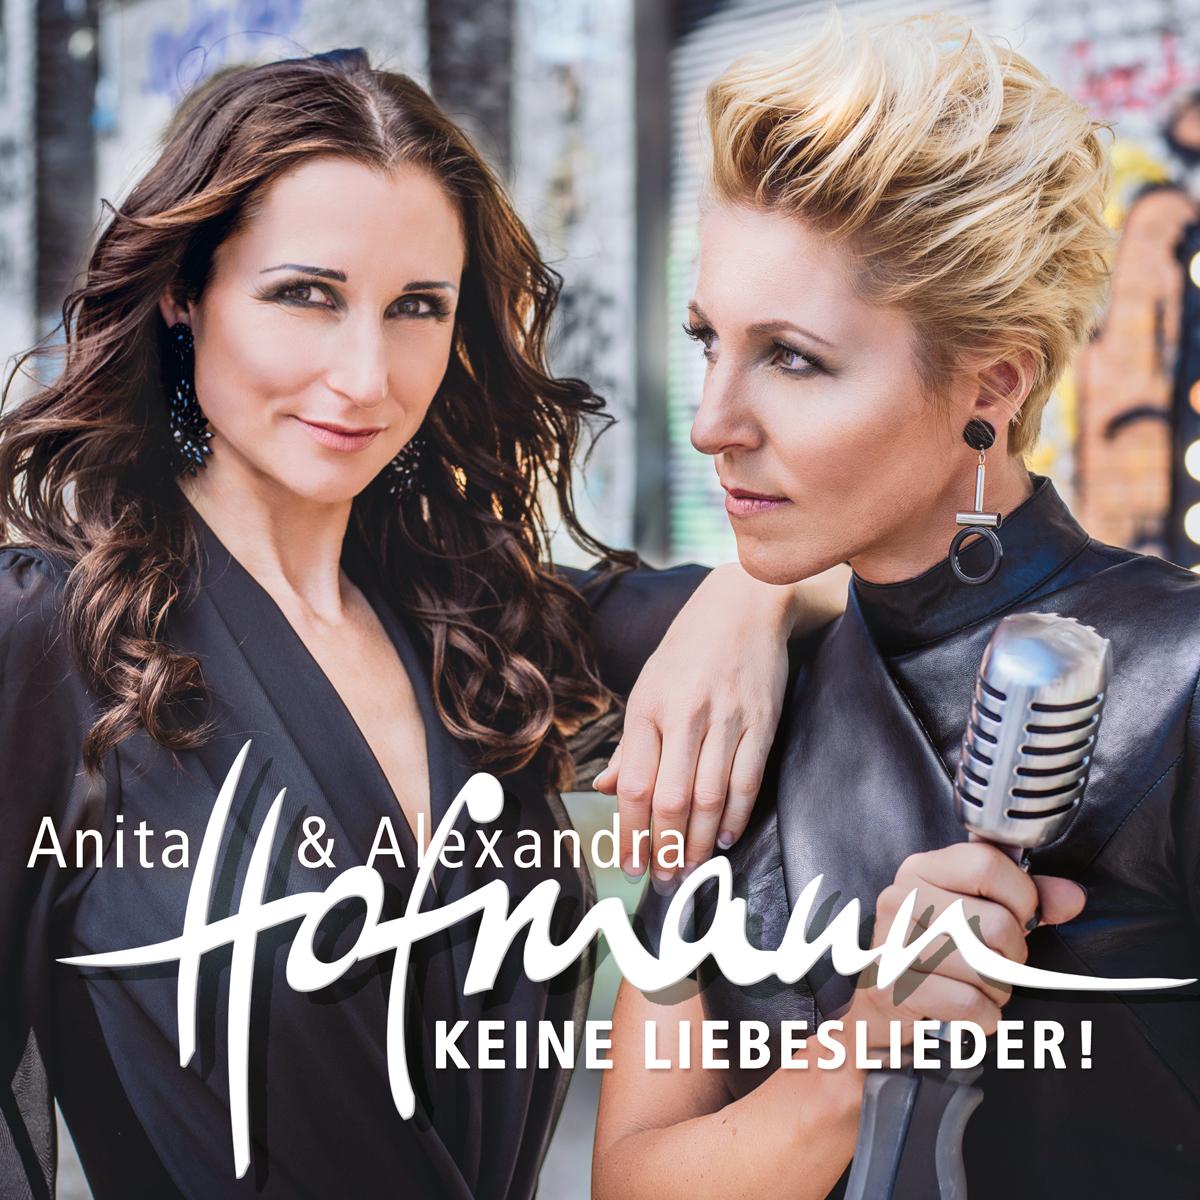 ANITA & ALEXANDRA HOFMANN - Keine Liebeslieder (DA Music)